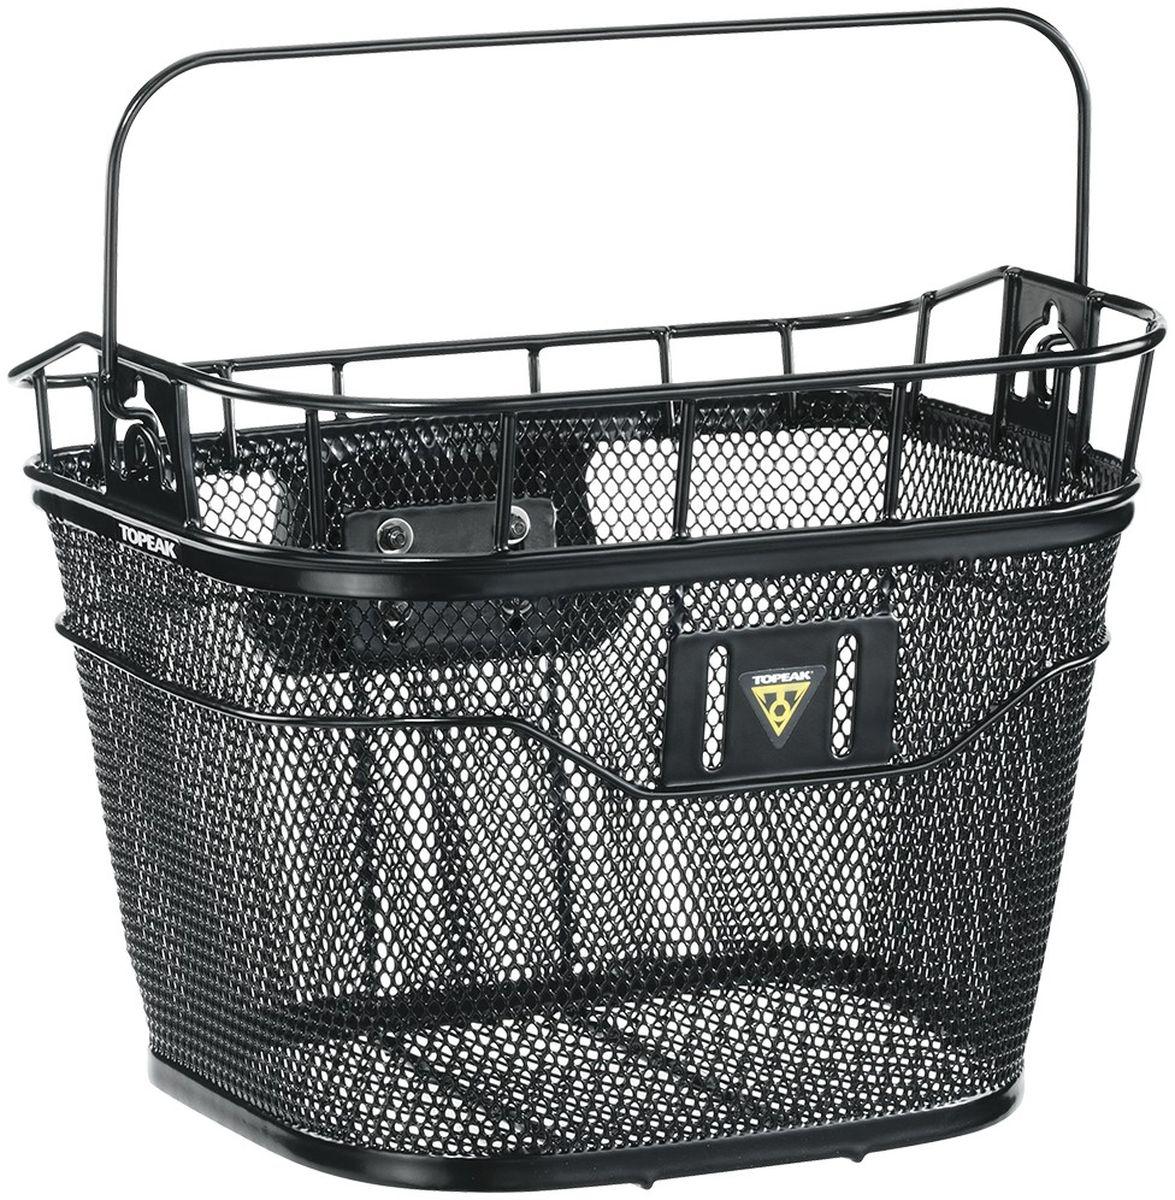 Велокорзина TOPEAK Basket Front w/E-bike Compatible Fixer, крепление подходит для электровелосипеда, цвет: черныйTB2011-Bниверсальная корзина с креплением на руль велосипеда. Совместима с электровелосипедами, где установлено головное устройство. Новое крепление QuickClick позволяет легко устанавливать и снимать корзину. Максимальная загрузка: 5 кг. Вес корзины: 1370 г. Материал: сталь со специальным покрытием. Два варианта расцветки: черный, или белый.